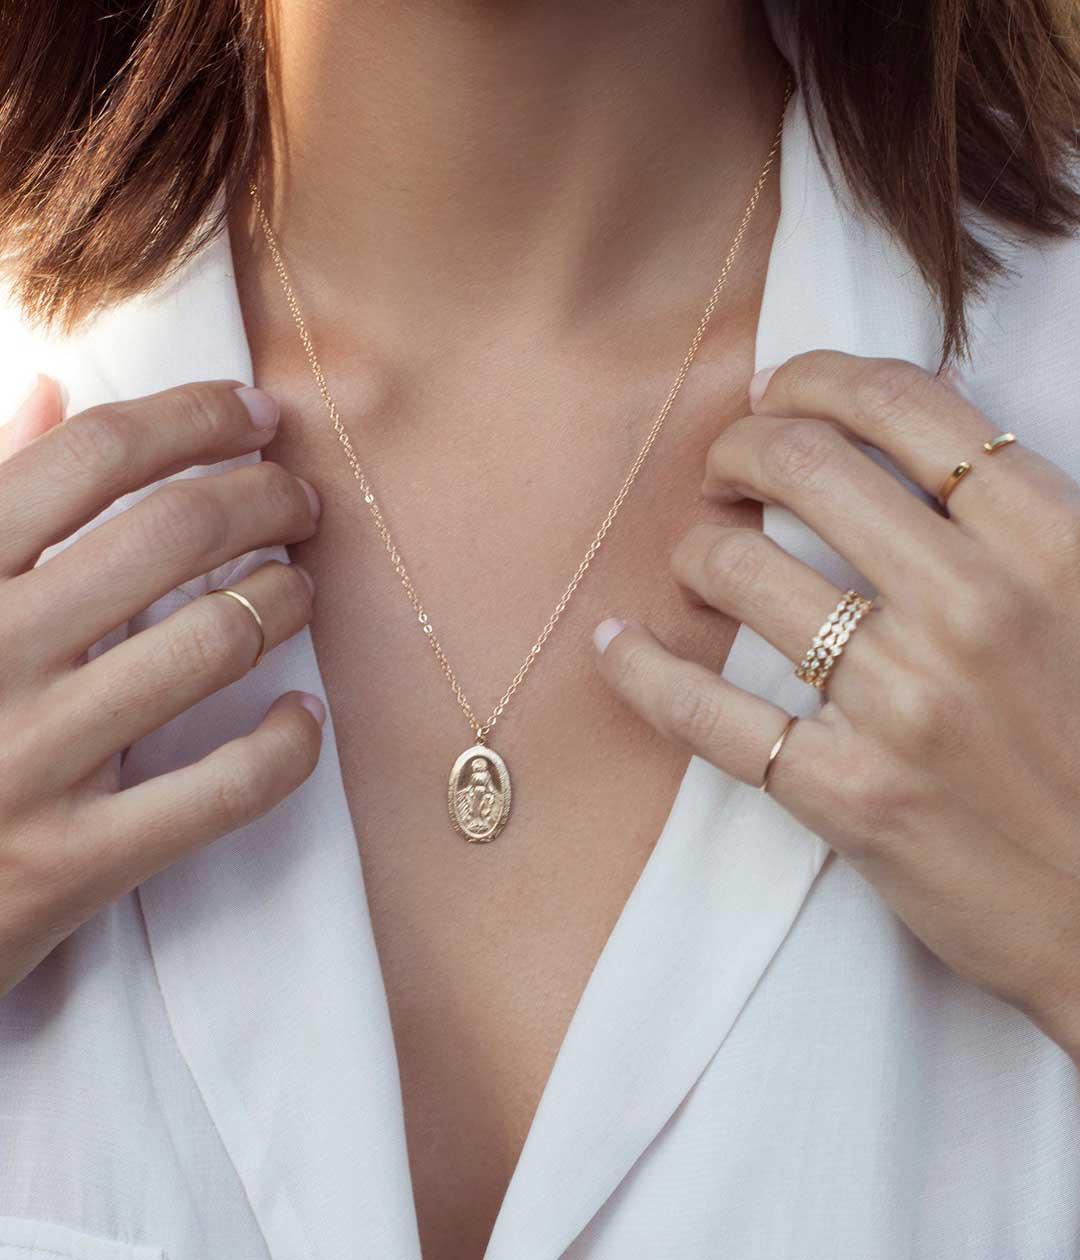 VM-oval-necklace-model-3